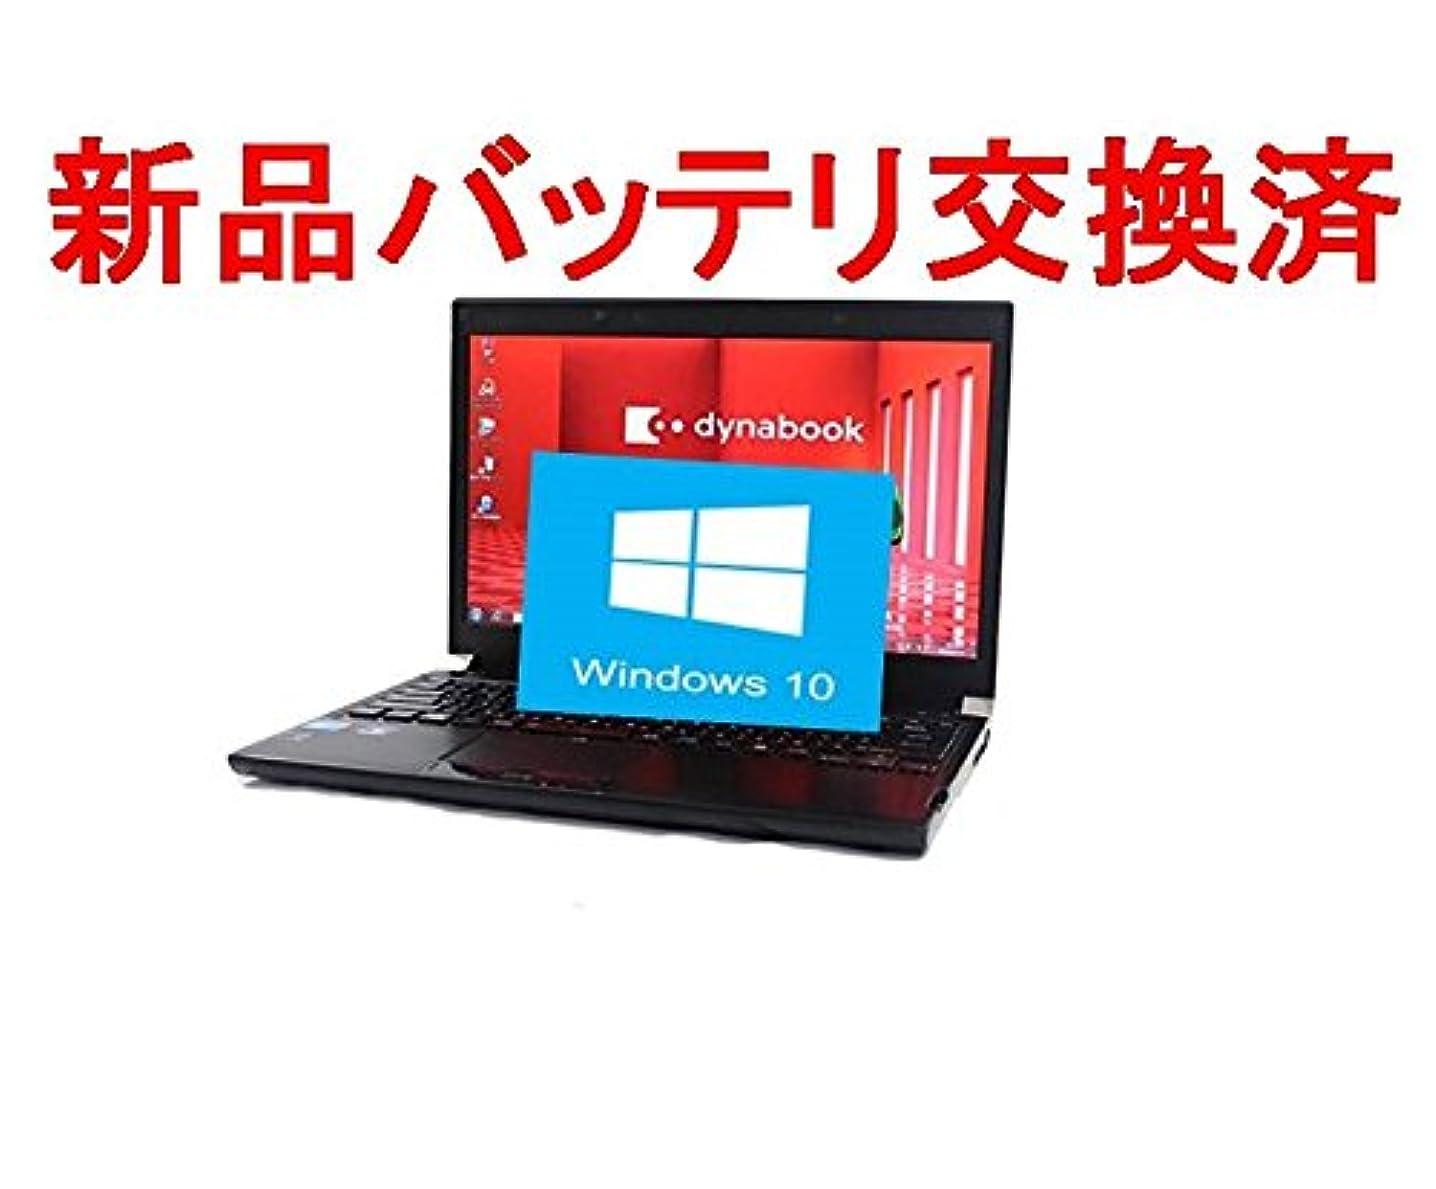 列車持ってる巨大な【新品バッテリー交換済み】中古 ノートパソコン /HDD500GB搭載/Windows10 64bit 無線LAN キングソフトOffice付 Corei5 メモリ4GB DVDROM (新品バッテリー交換済み/HDD500GB/メモリ4GB)